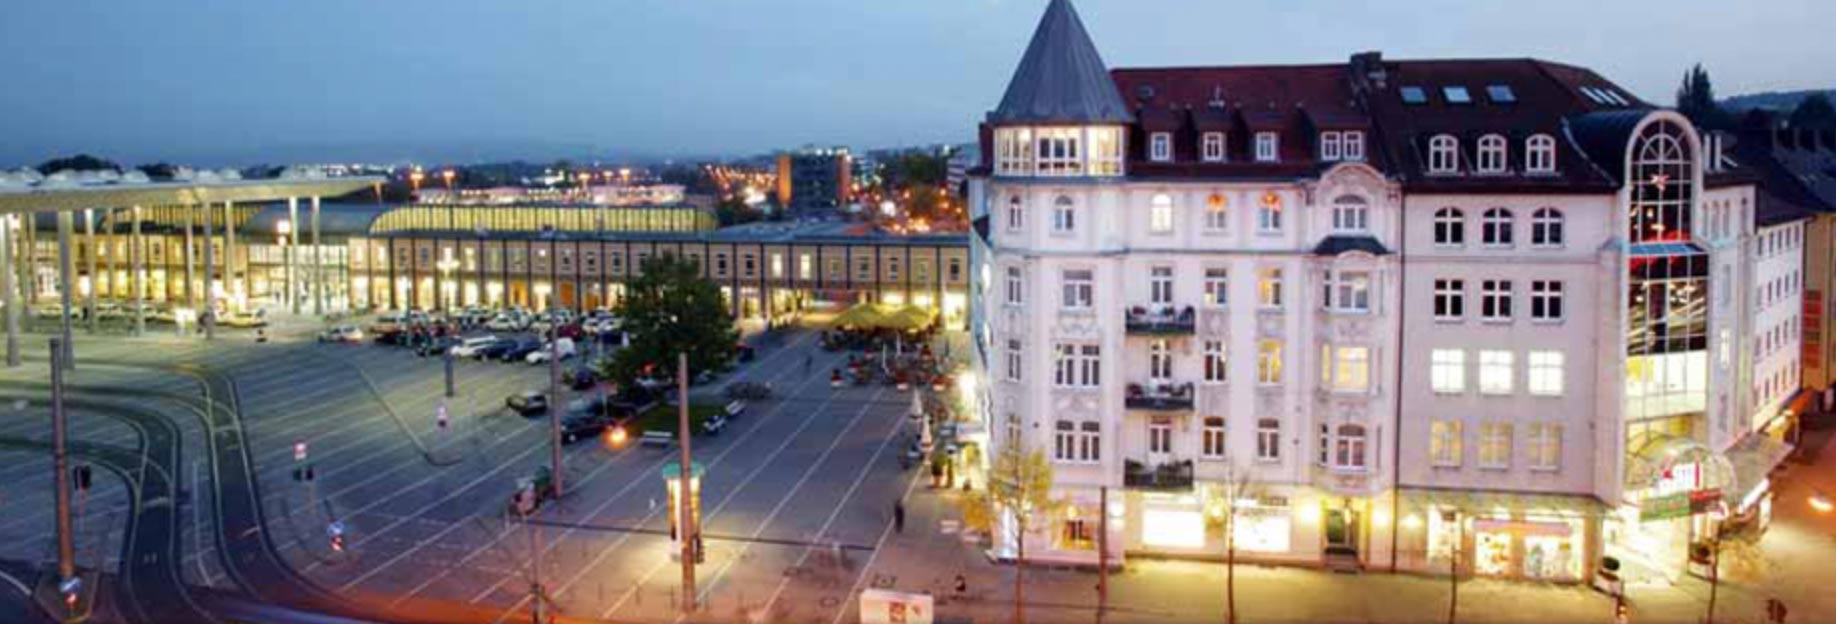 Citycenter-und-Bahnhof-Wilhelmshöhe-in-der-Dämmerung